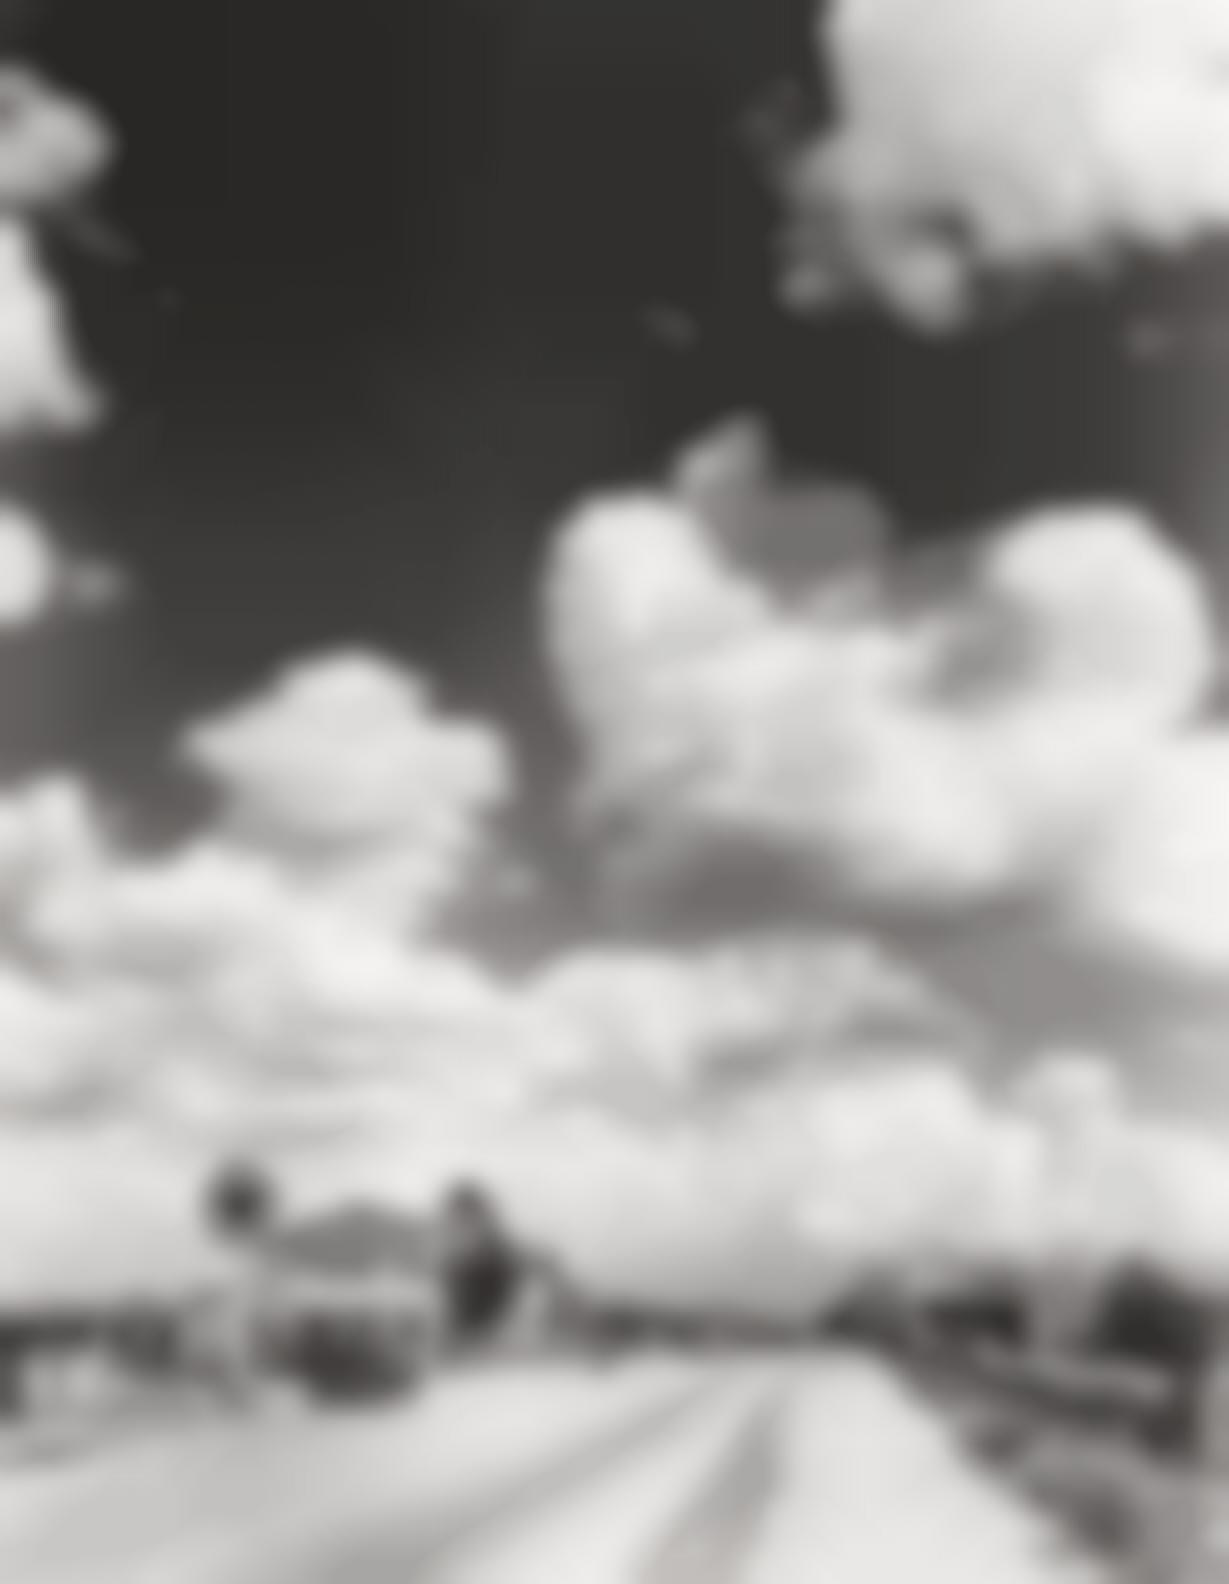 Andreas Feininger-Route 66, Arizona-1947